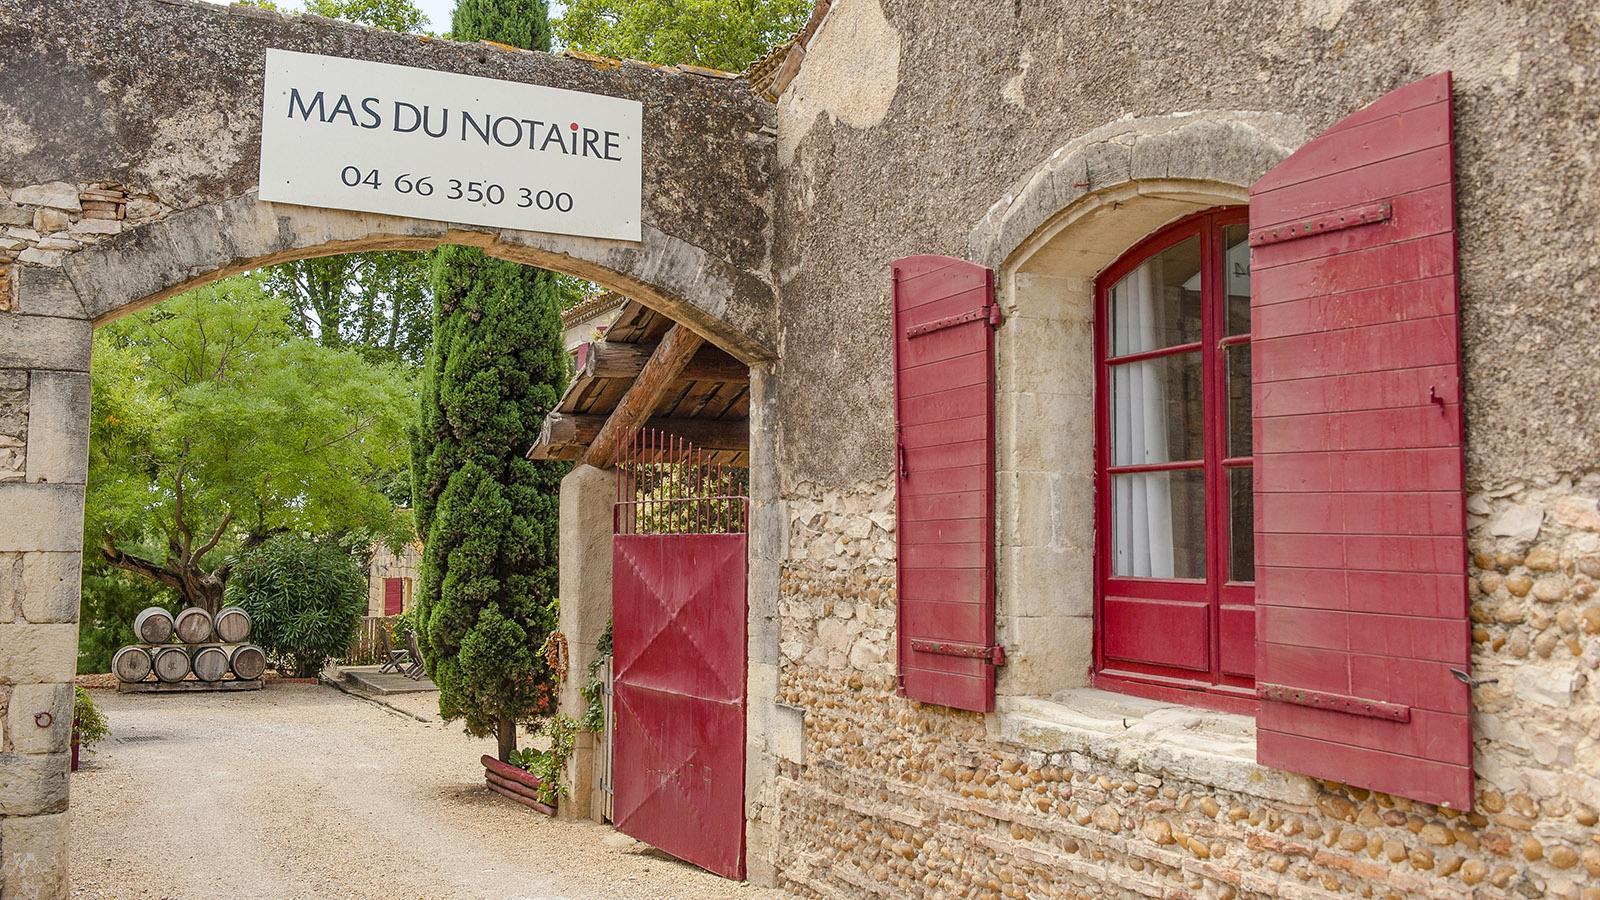 Petite Camargue: das schönste Weingut von Gallician - das Mas du Notaire. Foto: Hilke Maunder